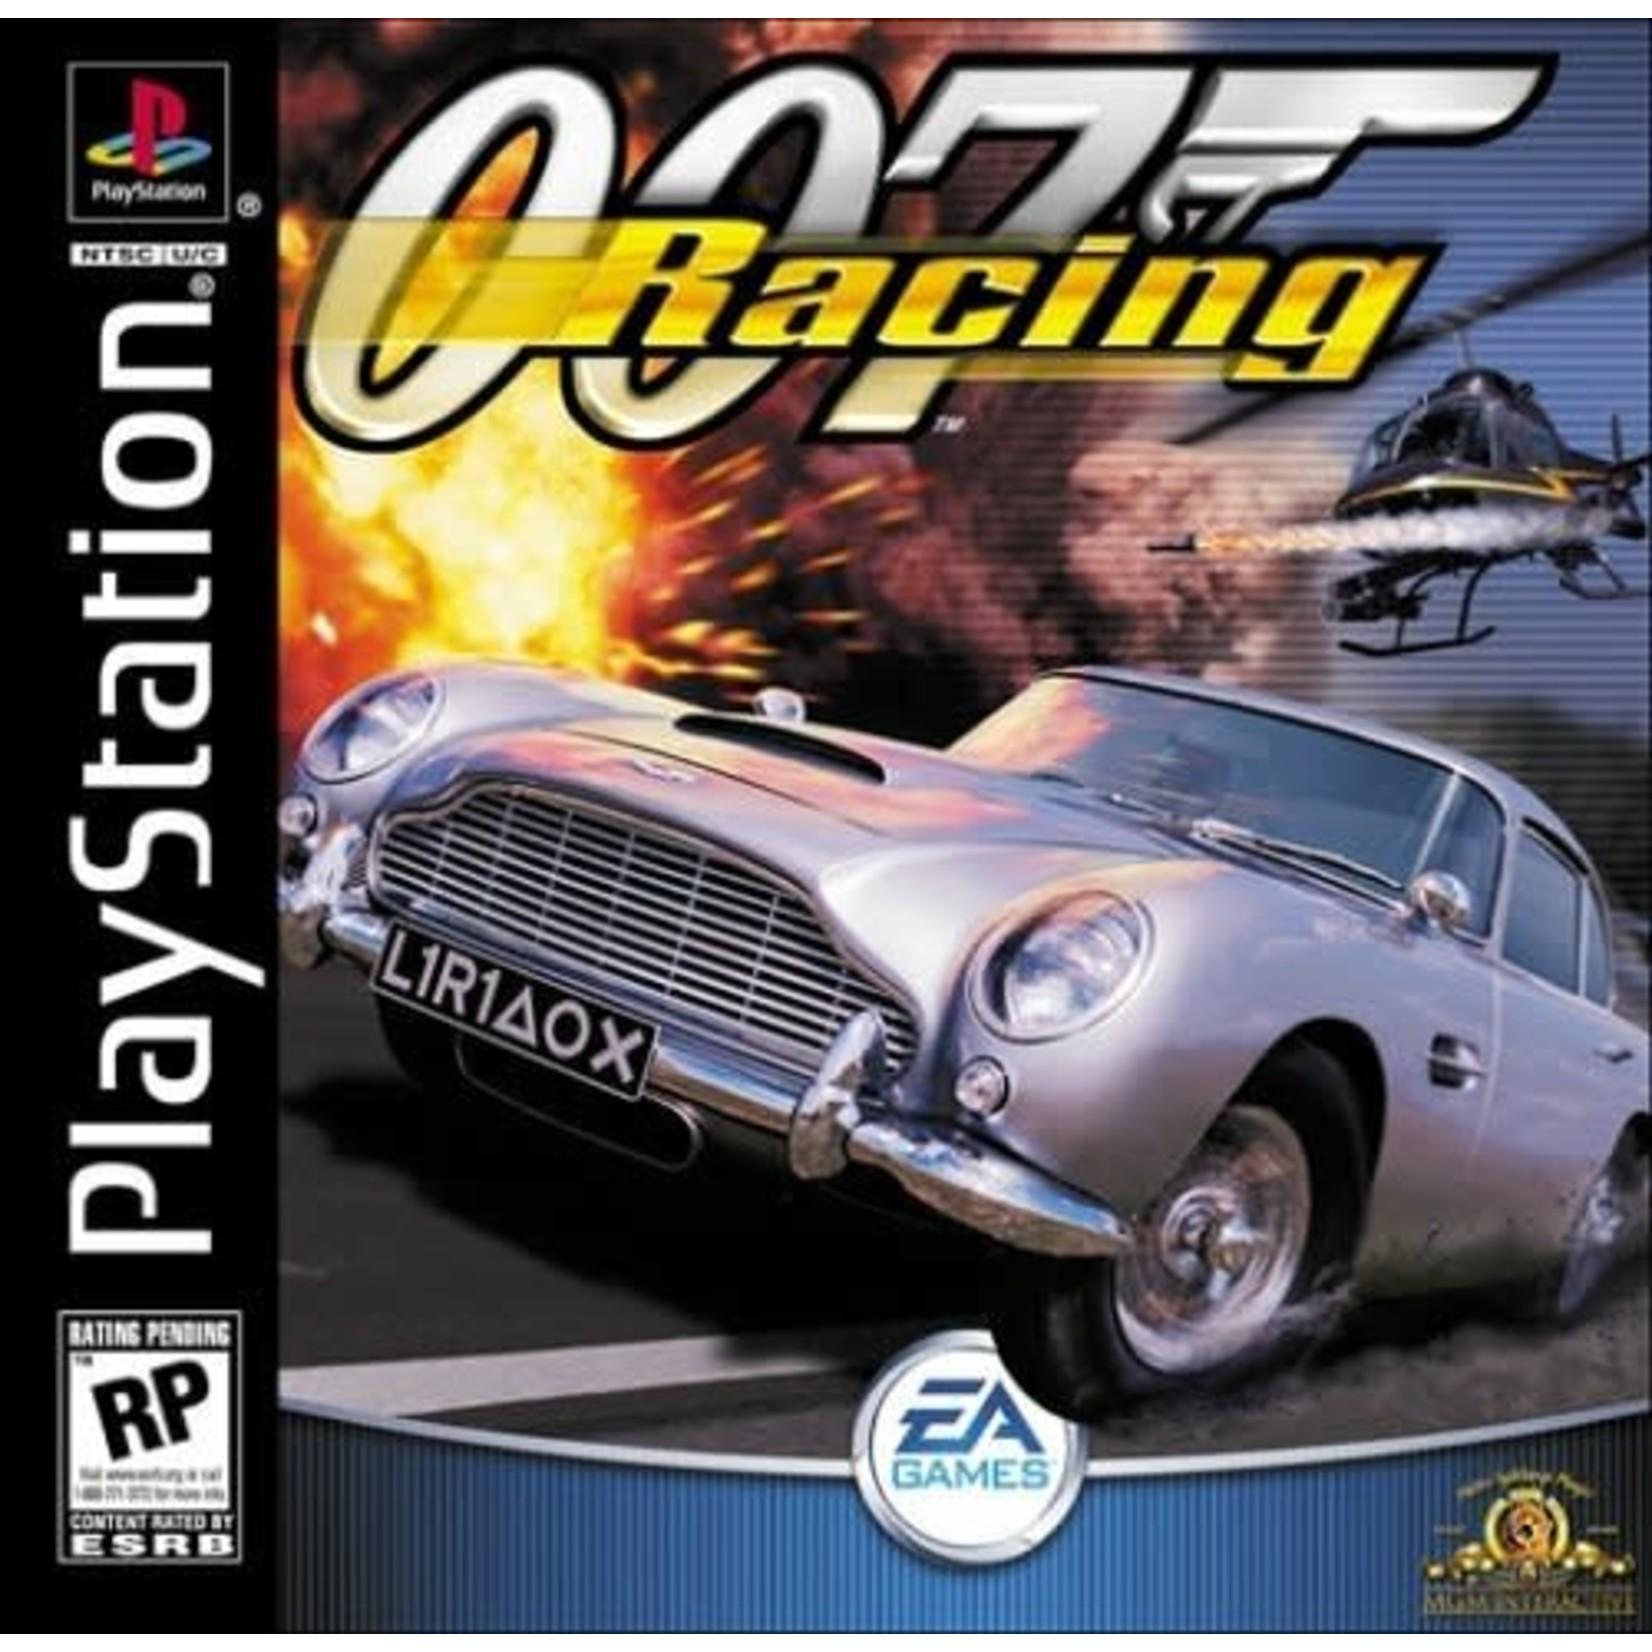 ps1u-007 Racing (complete)